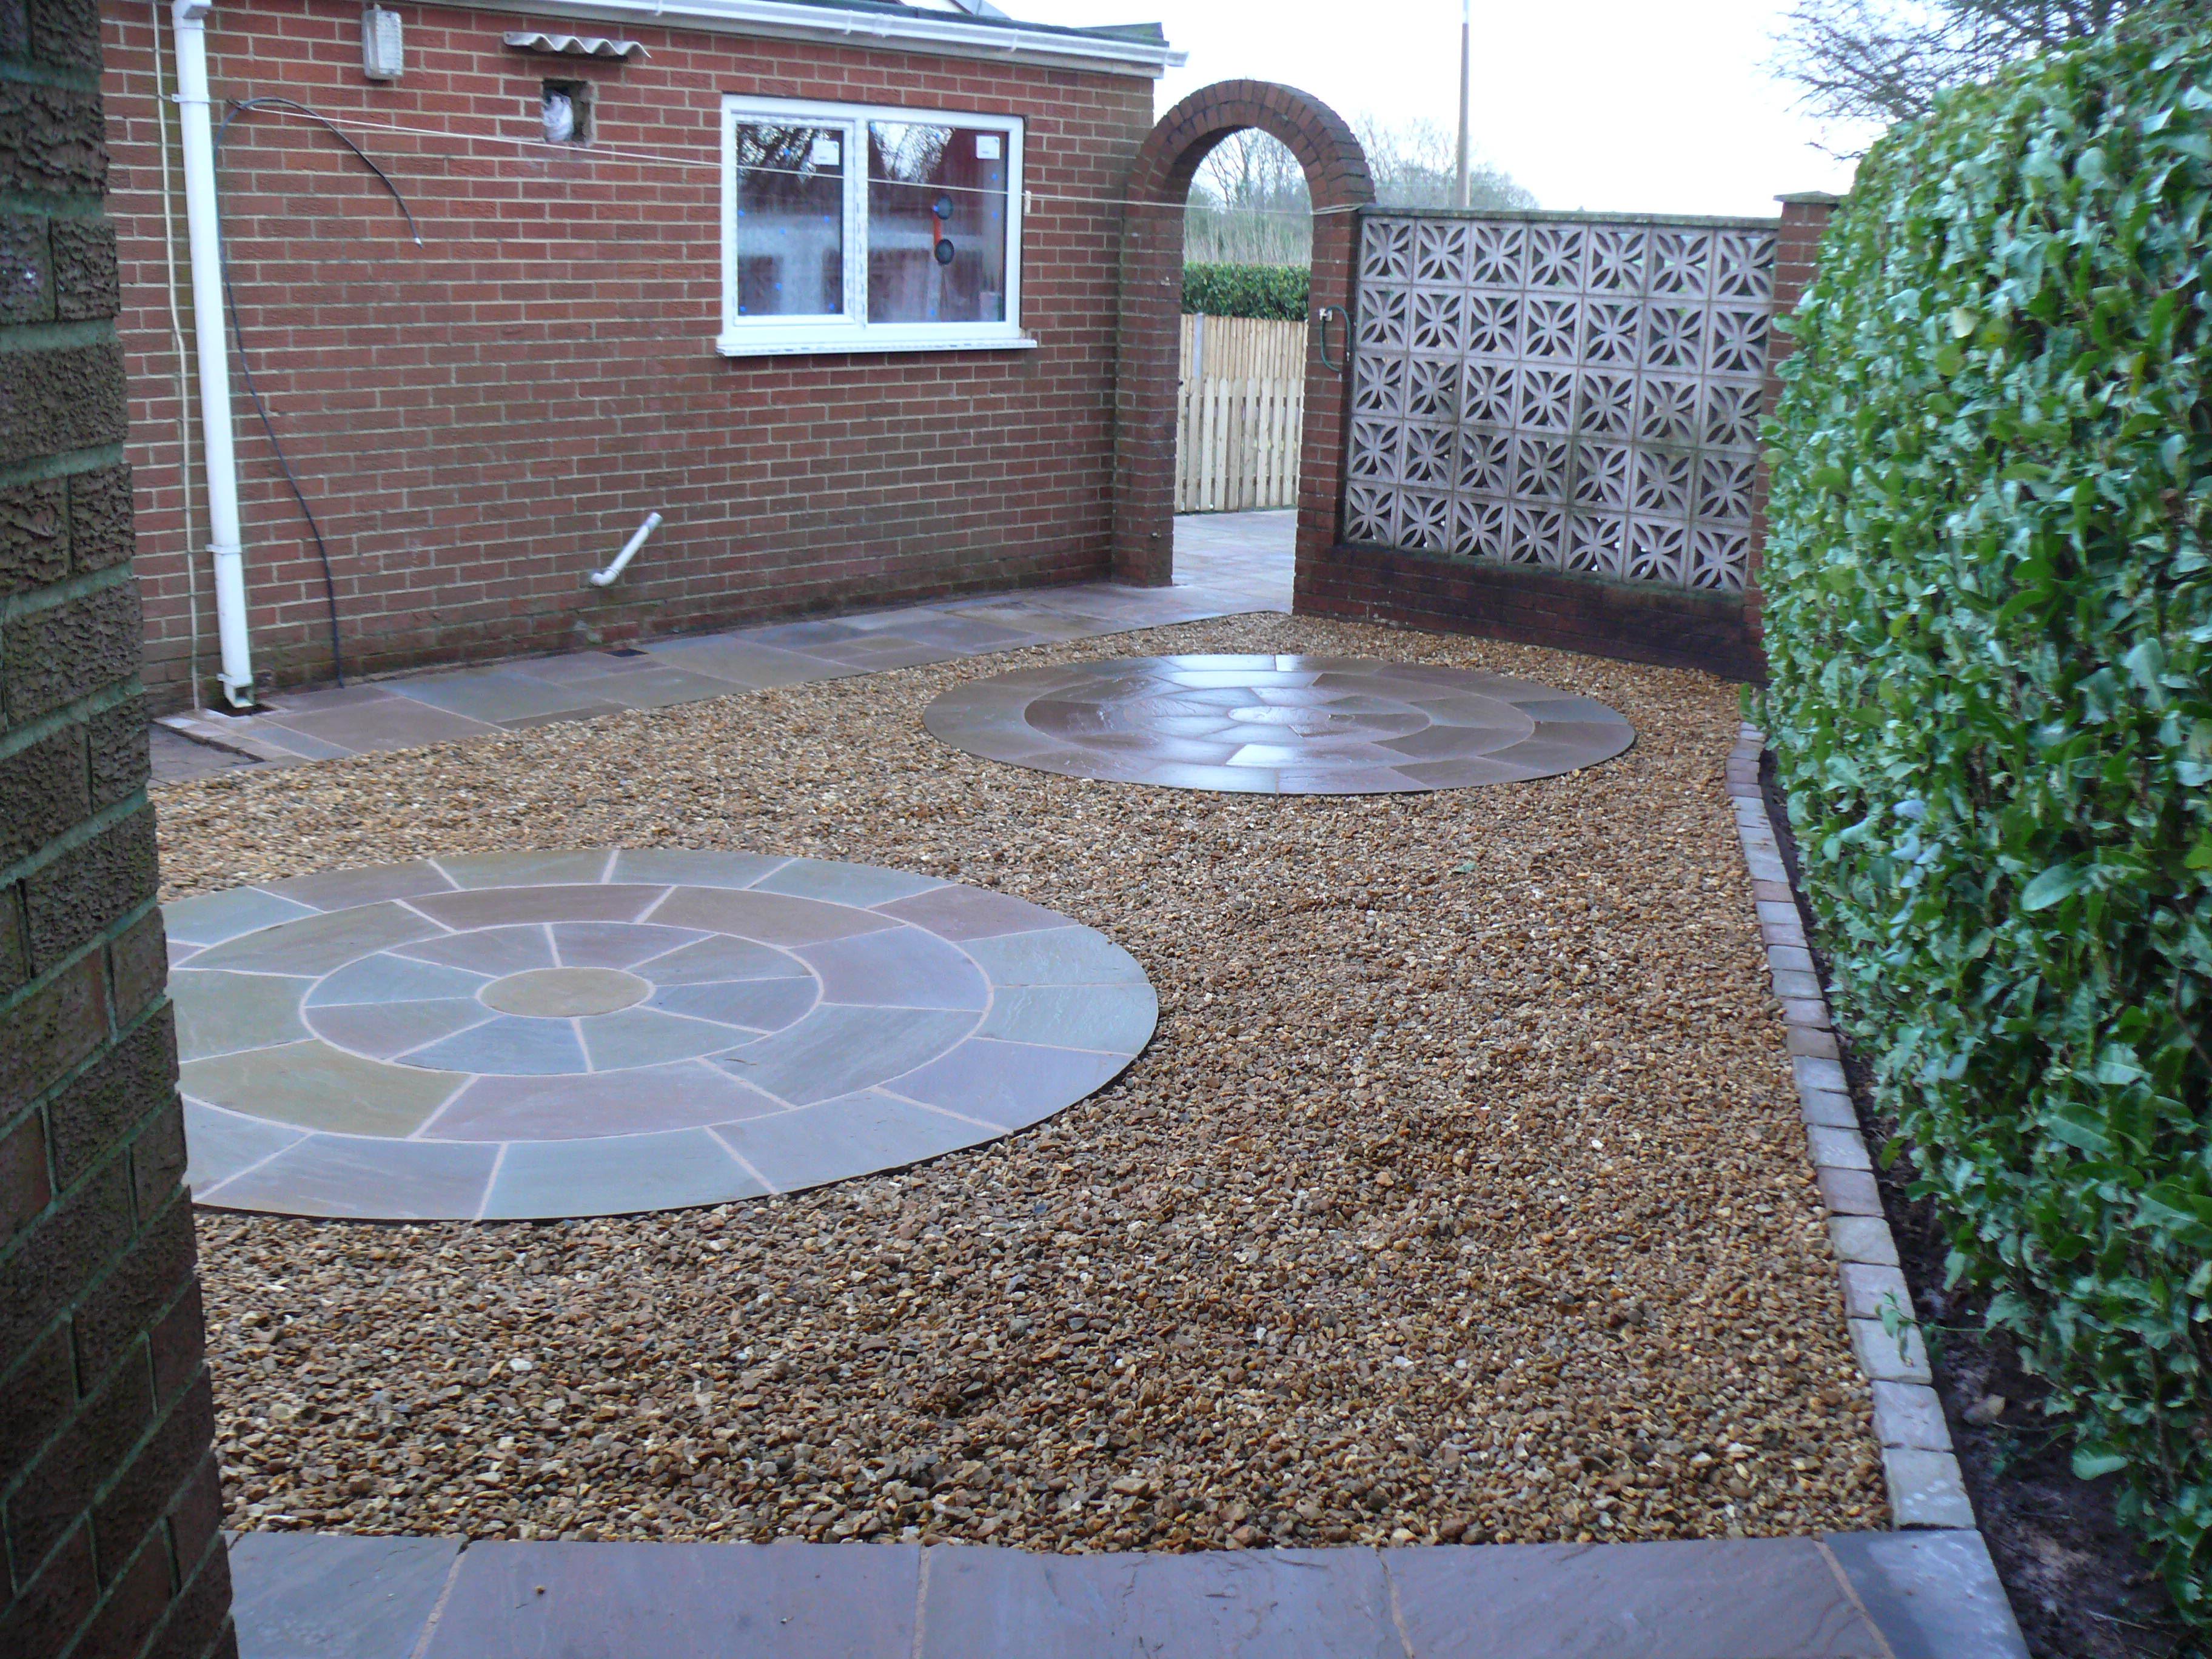 Landscape Gardener in Staffordshire